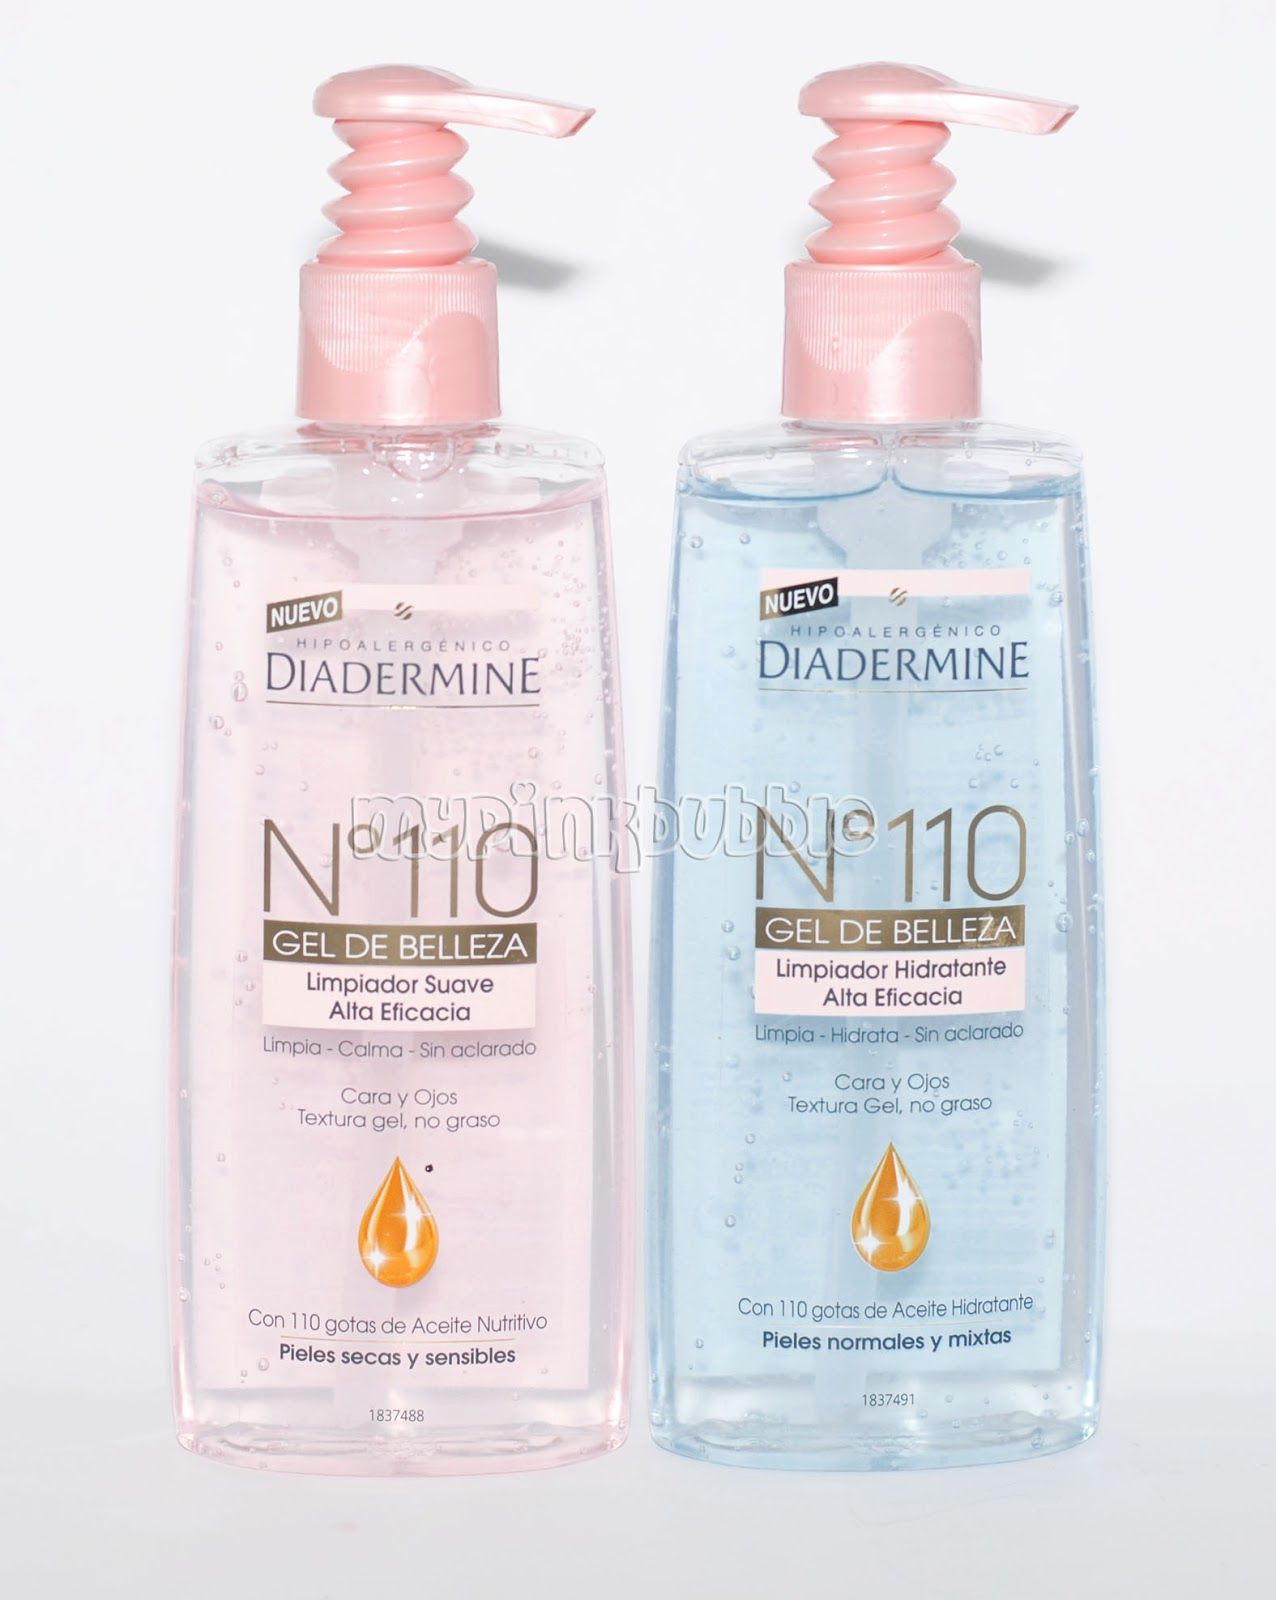 Diadermine 110 gel de belleza